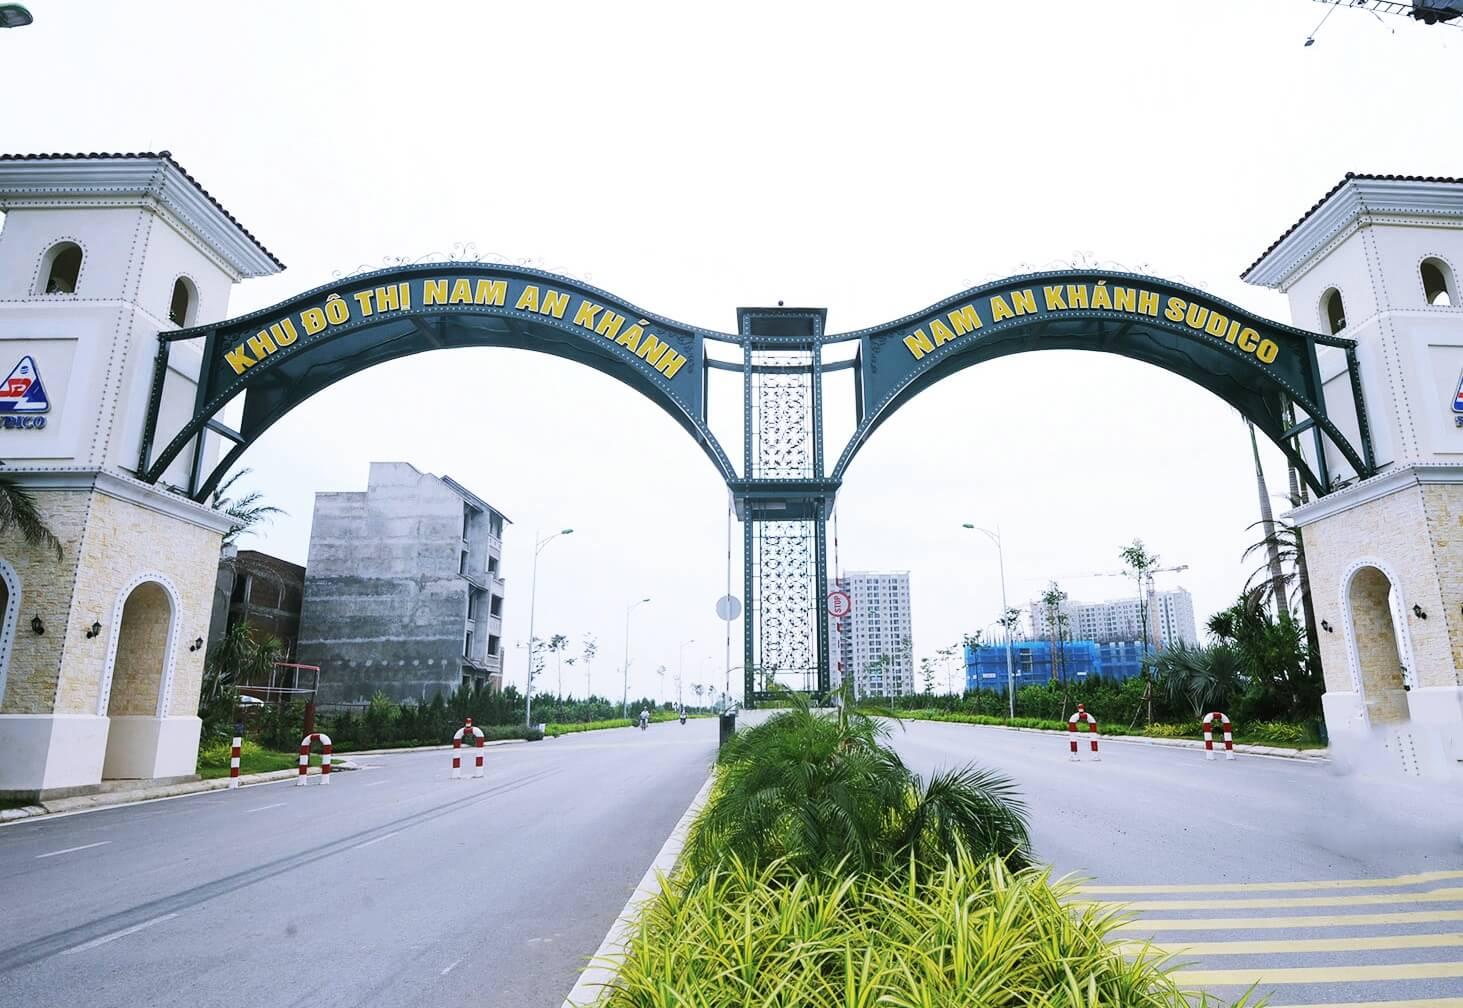 Cổng chào khu đô thị Nam An Khánh Sudico